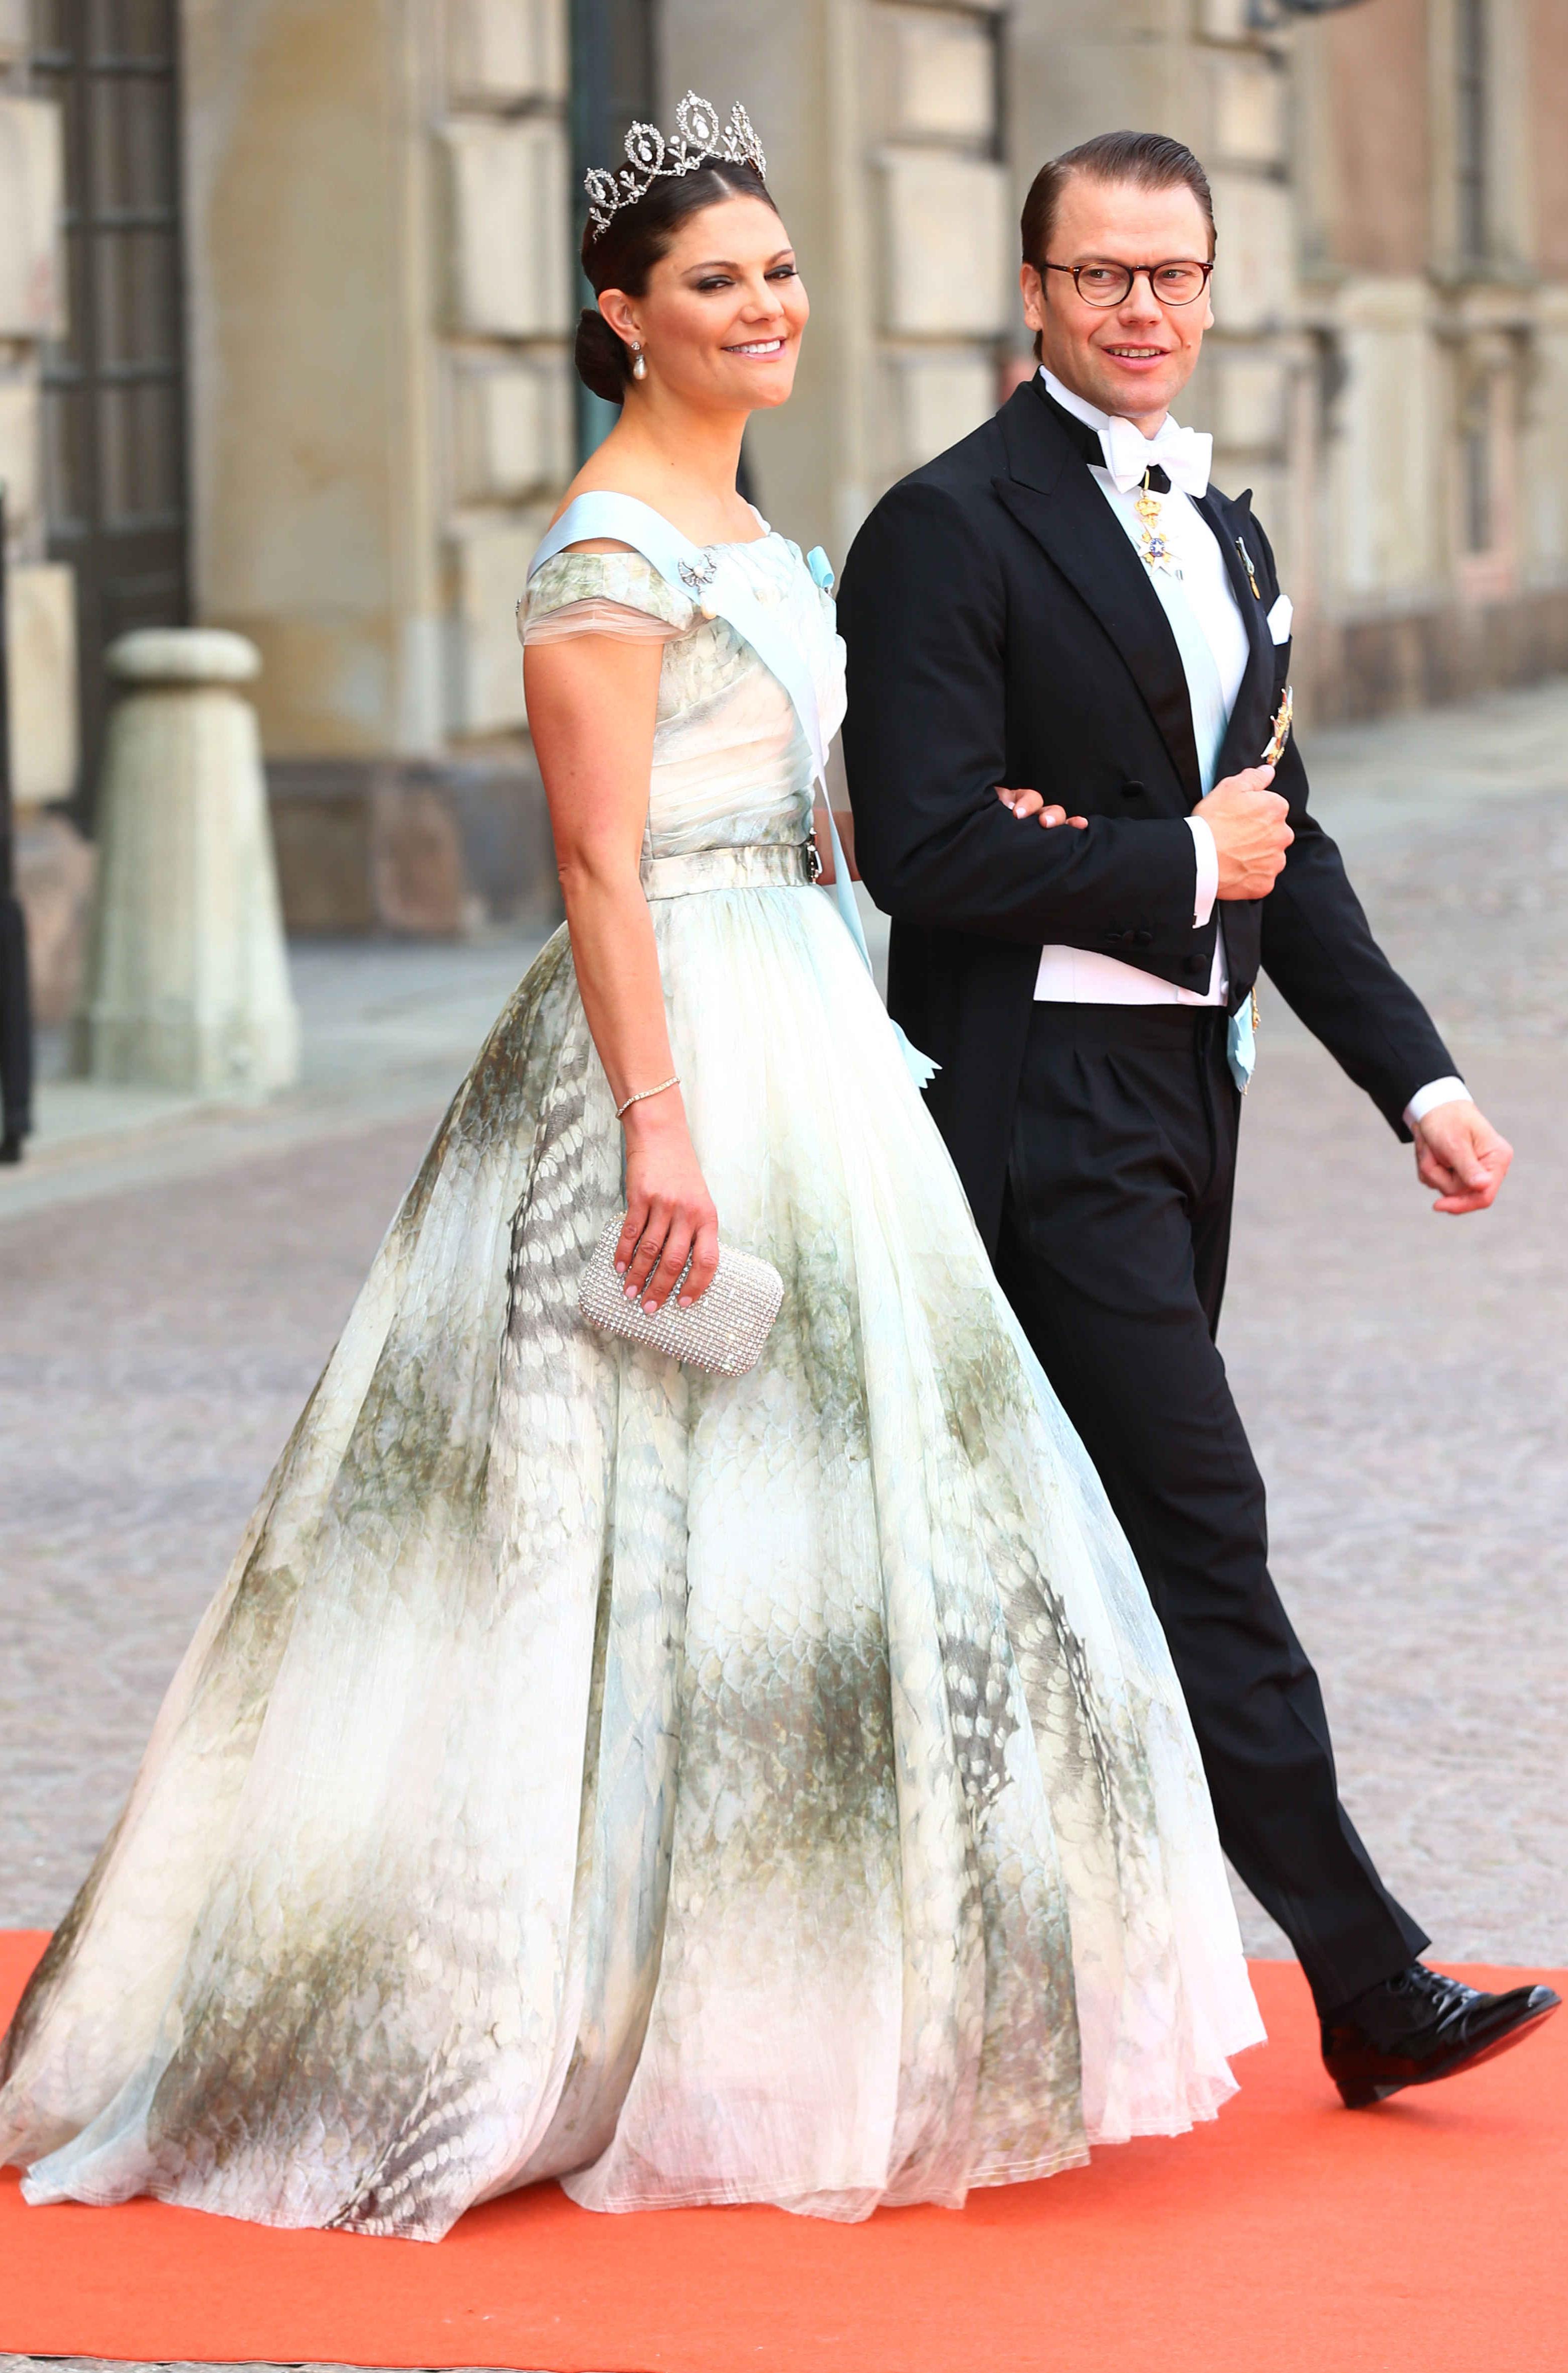 dd2eef0ee799 Vem minns inte när Kronprinsessan Victoria bar den här specialdesignade  klänningen från H&M Conscious Collection på prinsessan Sofia och Prins Carl  Philips ...